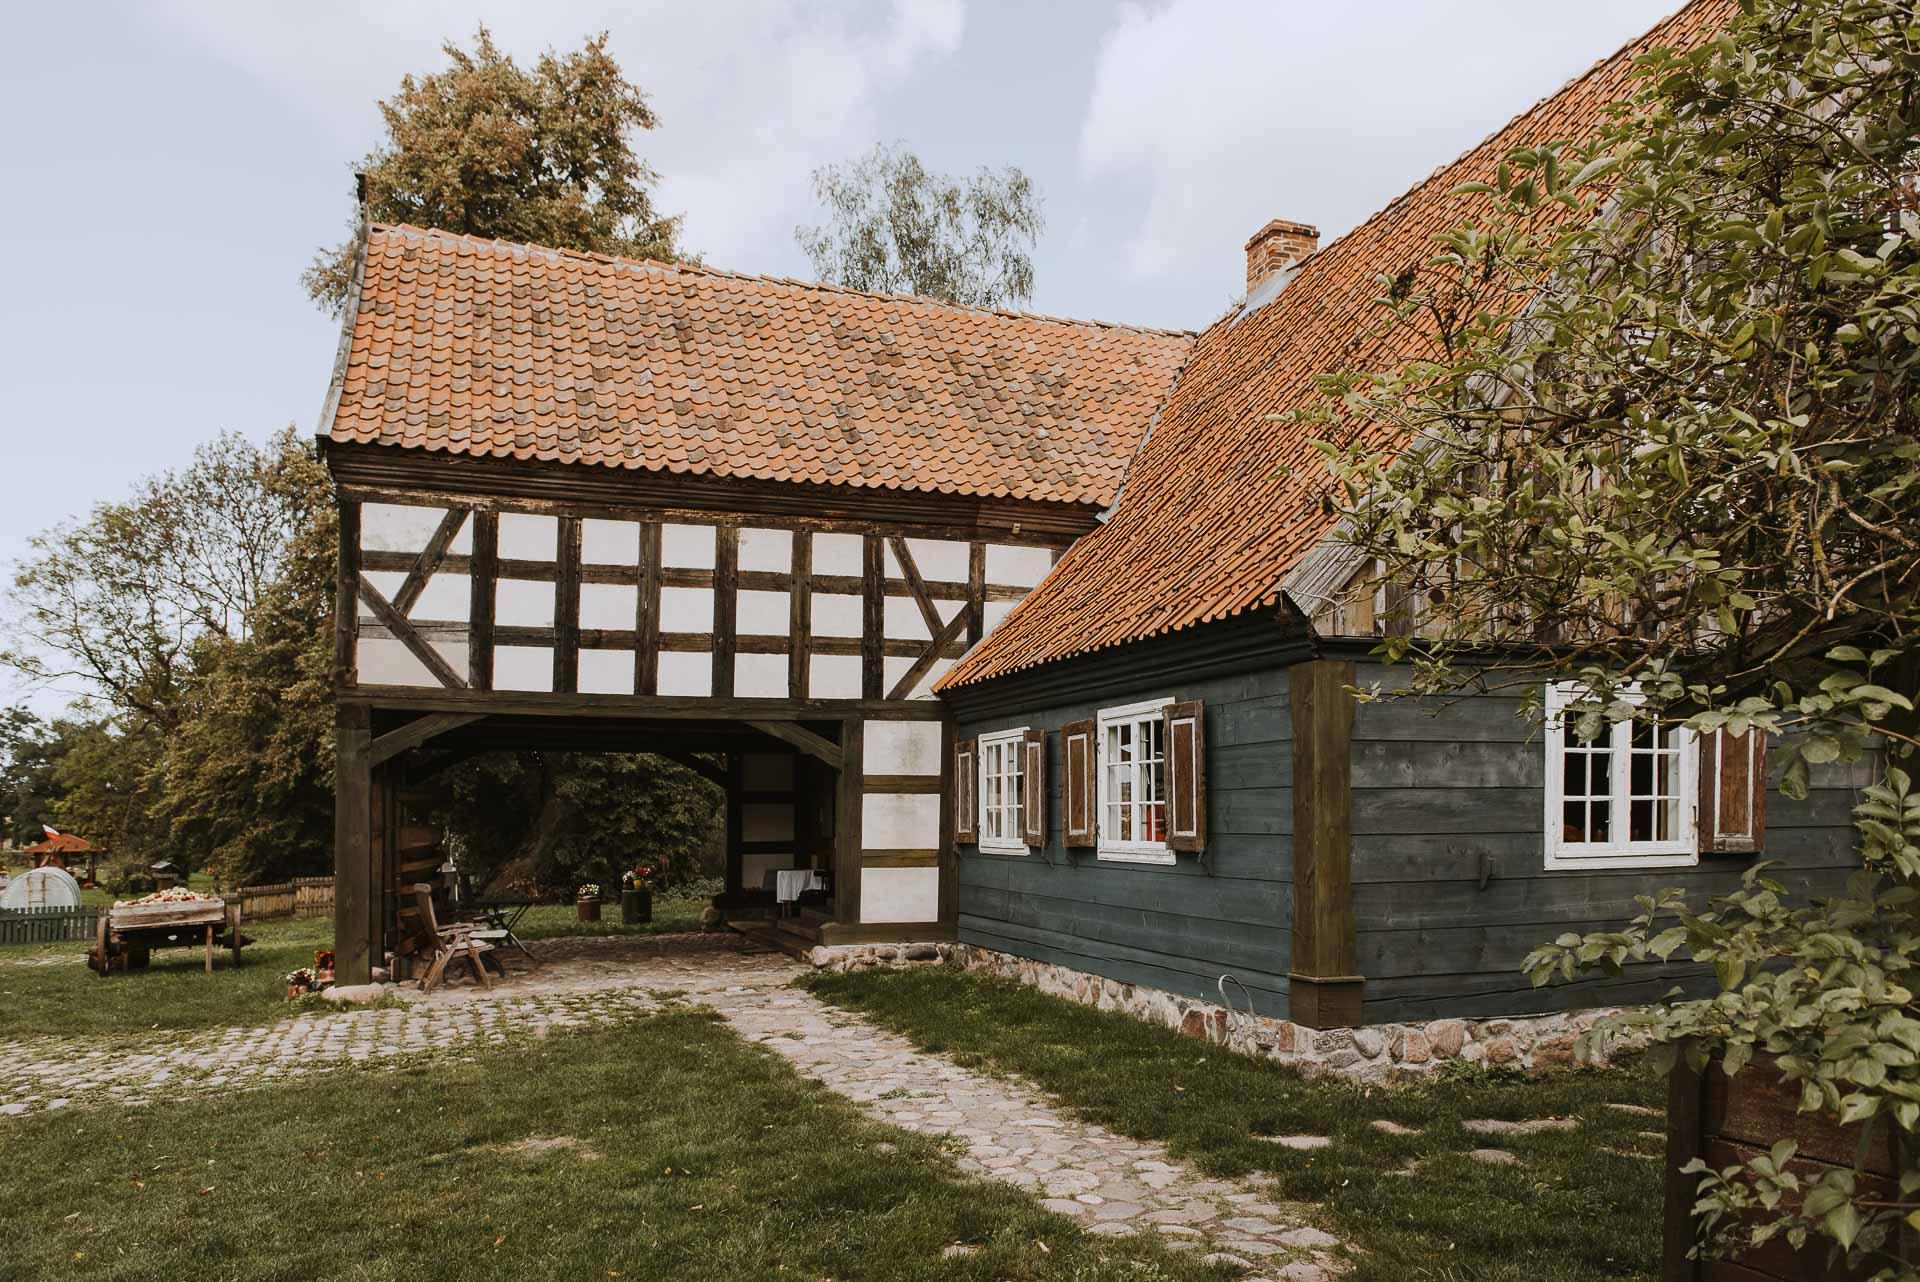 Miejsca, które warto zobaczyć wPolsce - Żuławy Wiślane